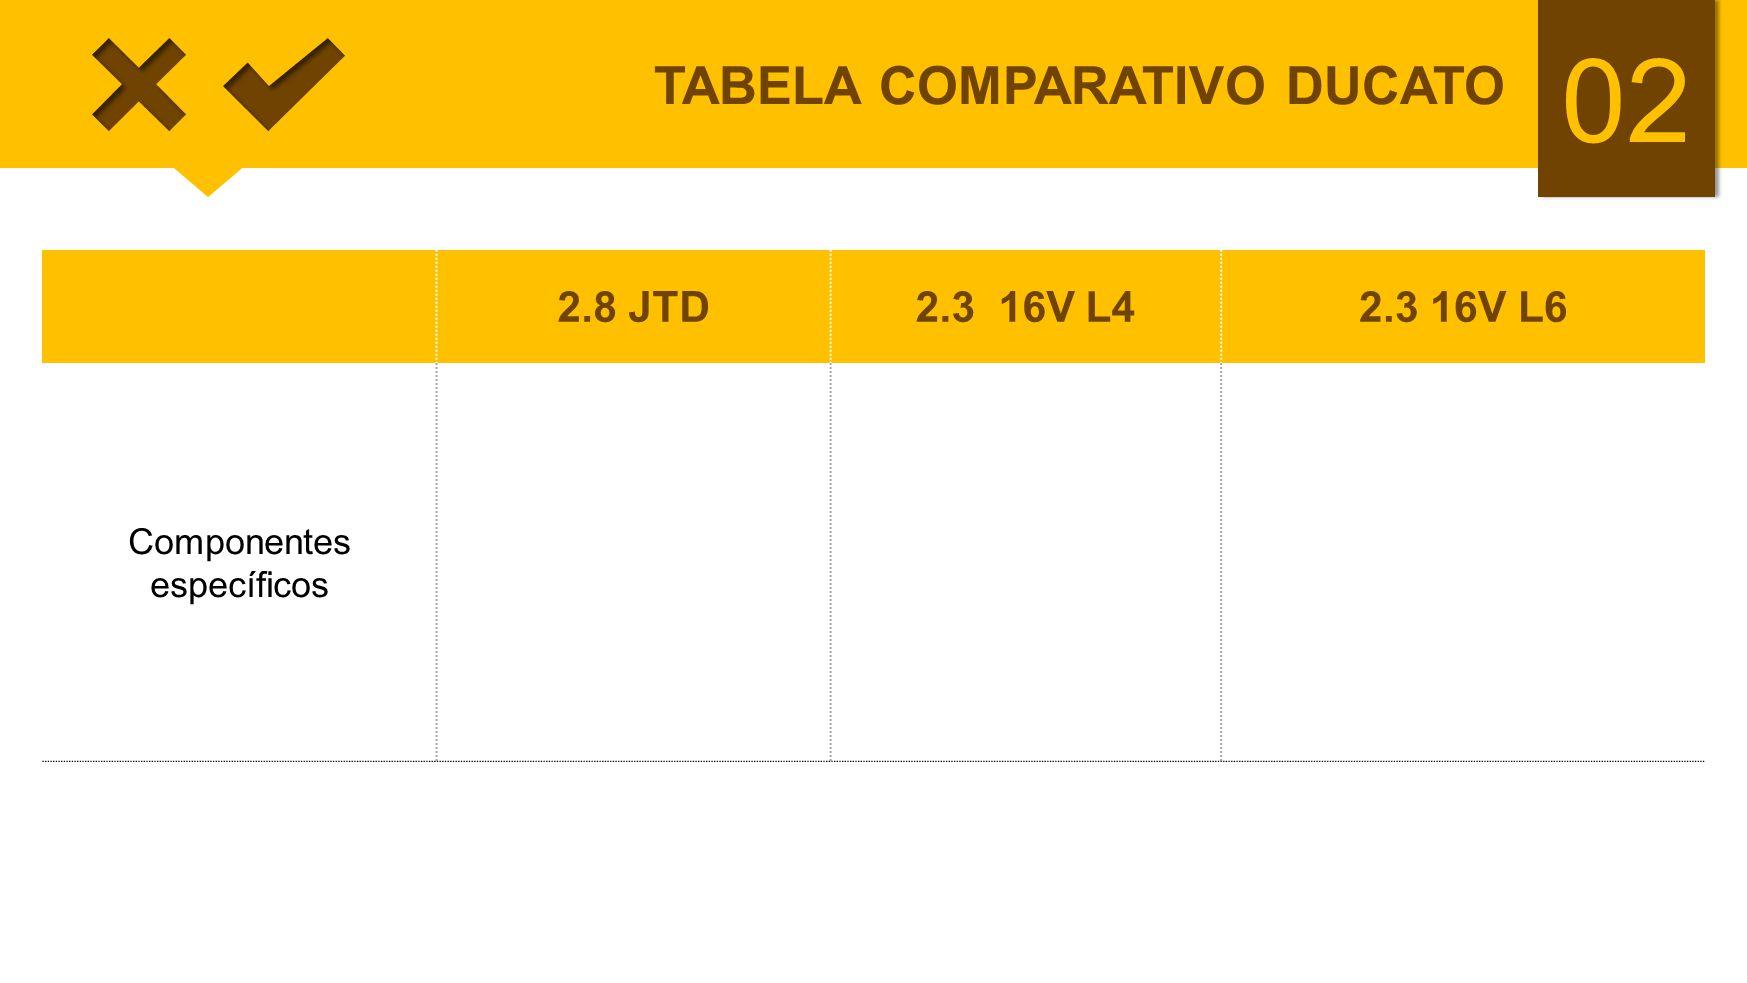 02 TABELA COMPARATIVO DUCATO 2.8 JTD2.3 16V L42.3 16V L6 Componentes específicos Volante do motor, pistão, turbocompressor, bomba CP1, eletroinjetores